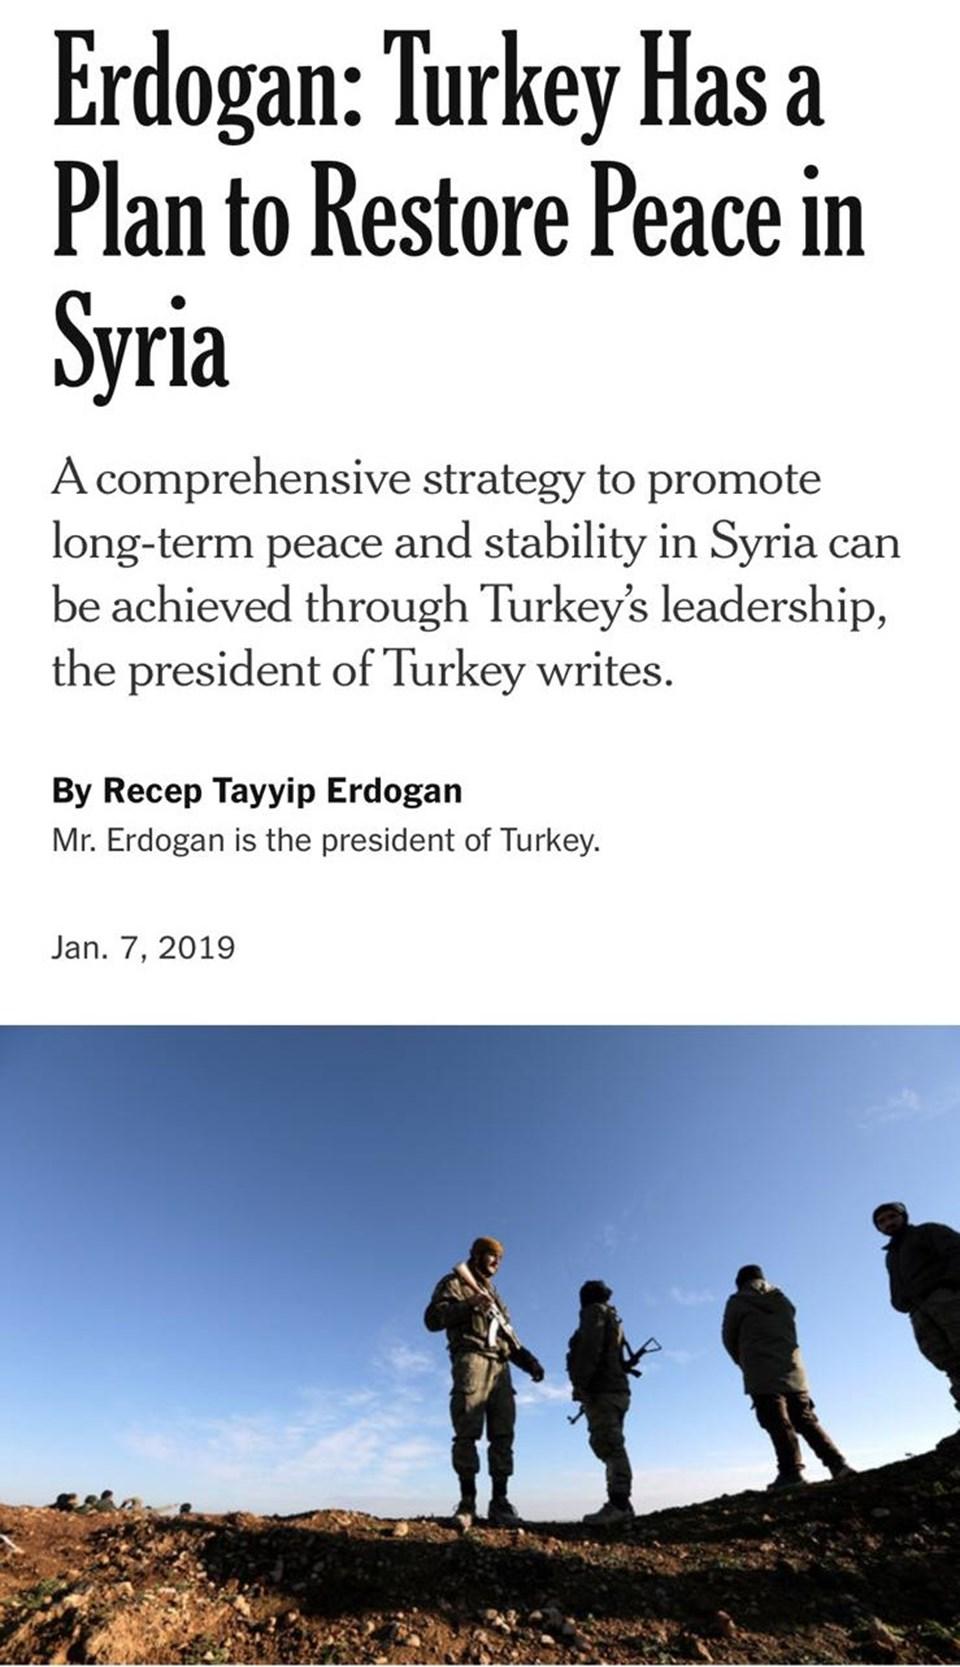 """Cumhurbaşkanı Erdoğan, NYT için """"Türkiye'nin Suriye'de barışı sağlamak için planı var"""" başlıklı makale kaleme aldı."""